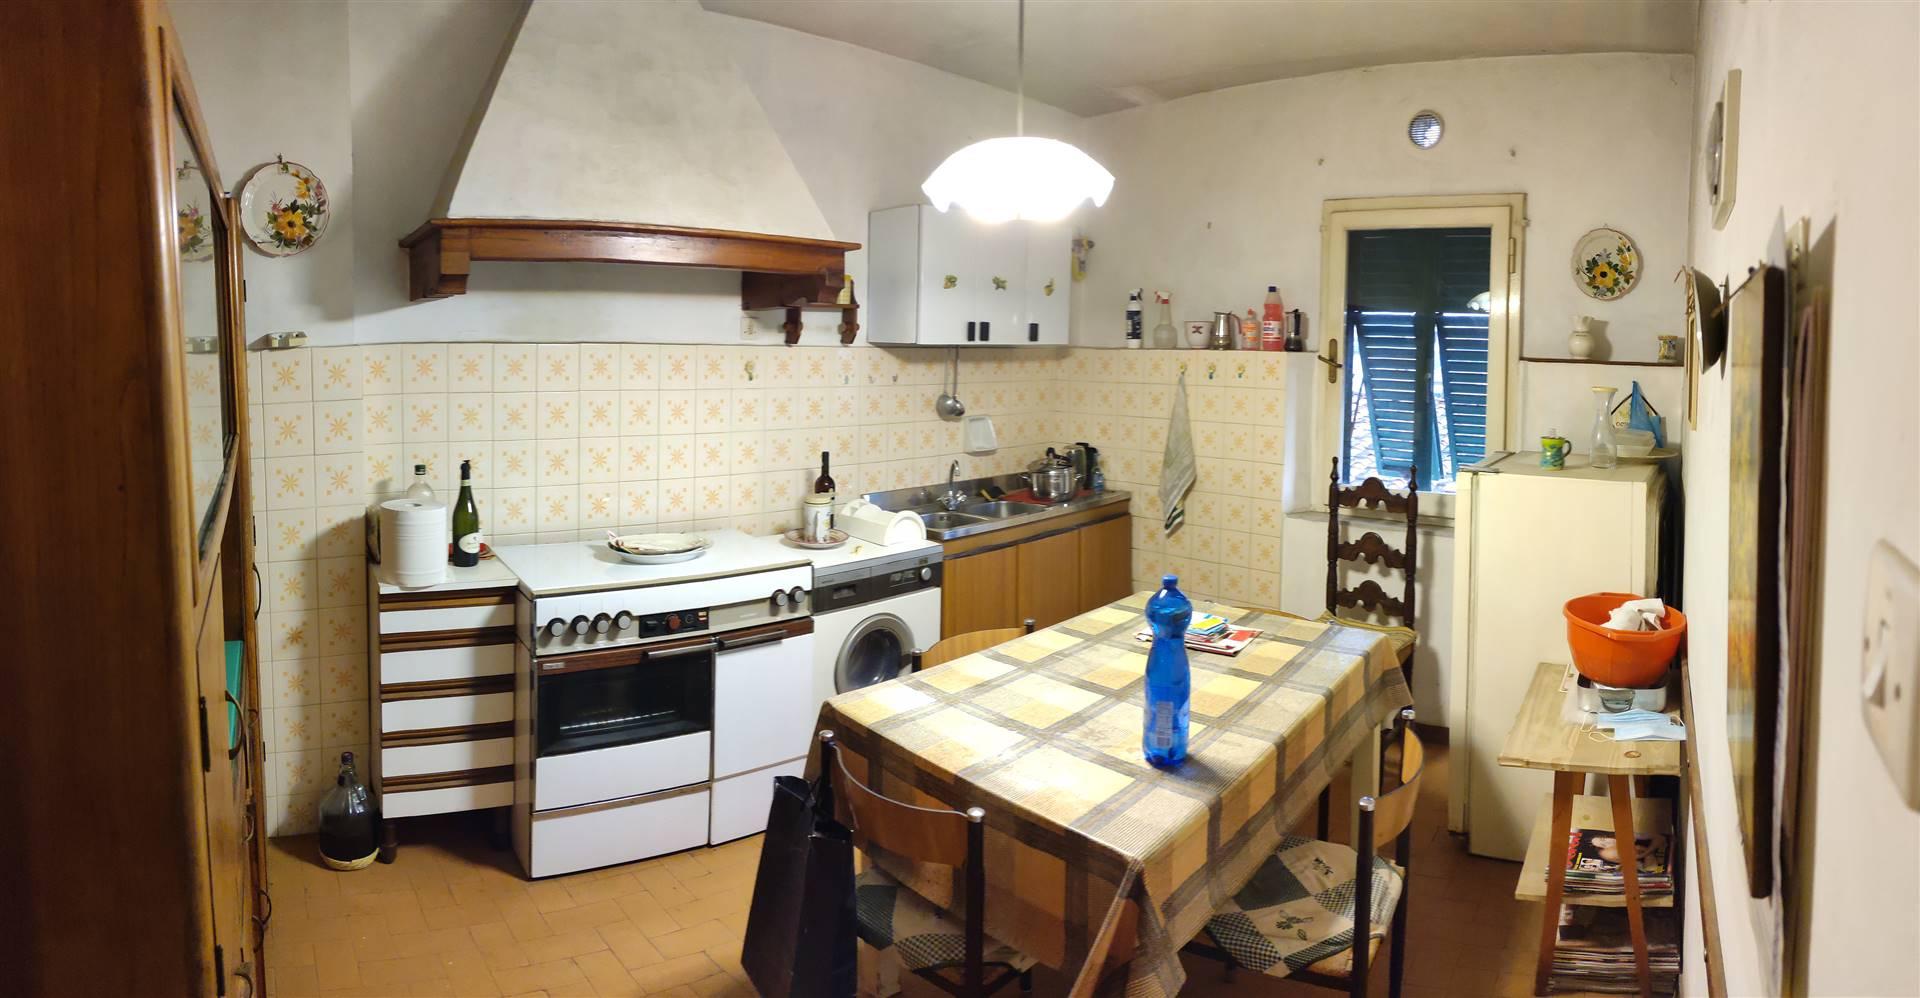 PISTOIA, Via della Madonna: nelle prime vicinanze del centro storico, vendesi appartamento di 110mq circa, sito al 4° piano, da ristrutturare, composto da: Ingresso, soggiorno, cucina, 2 camere,